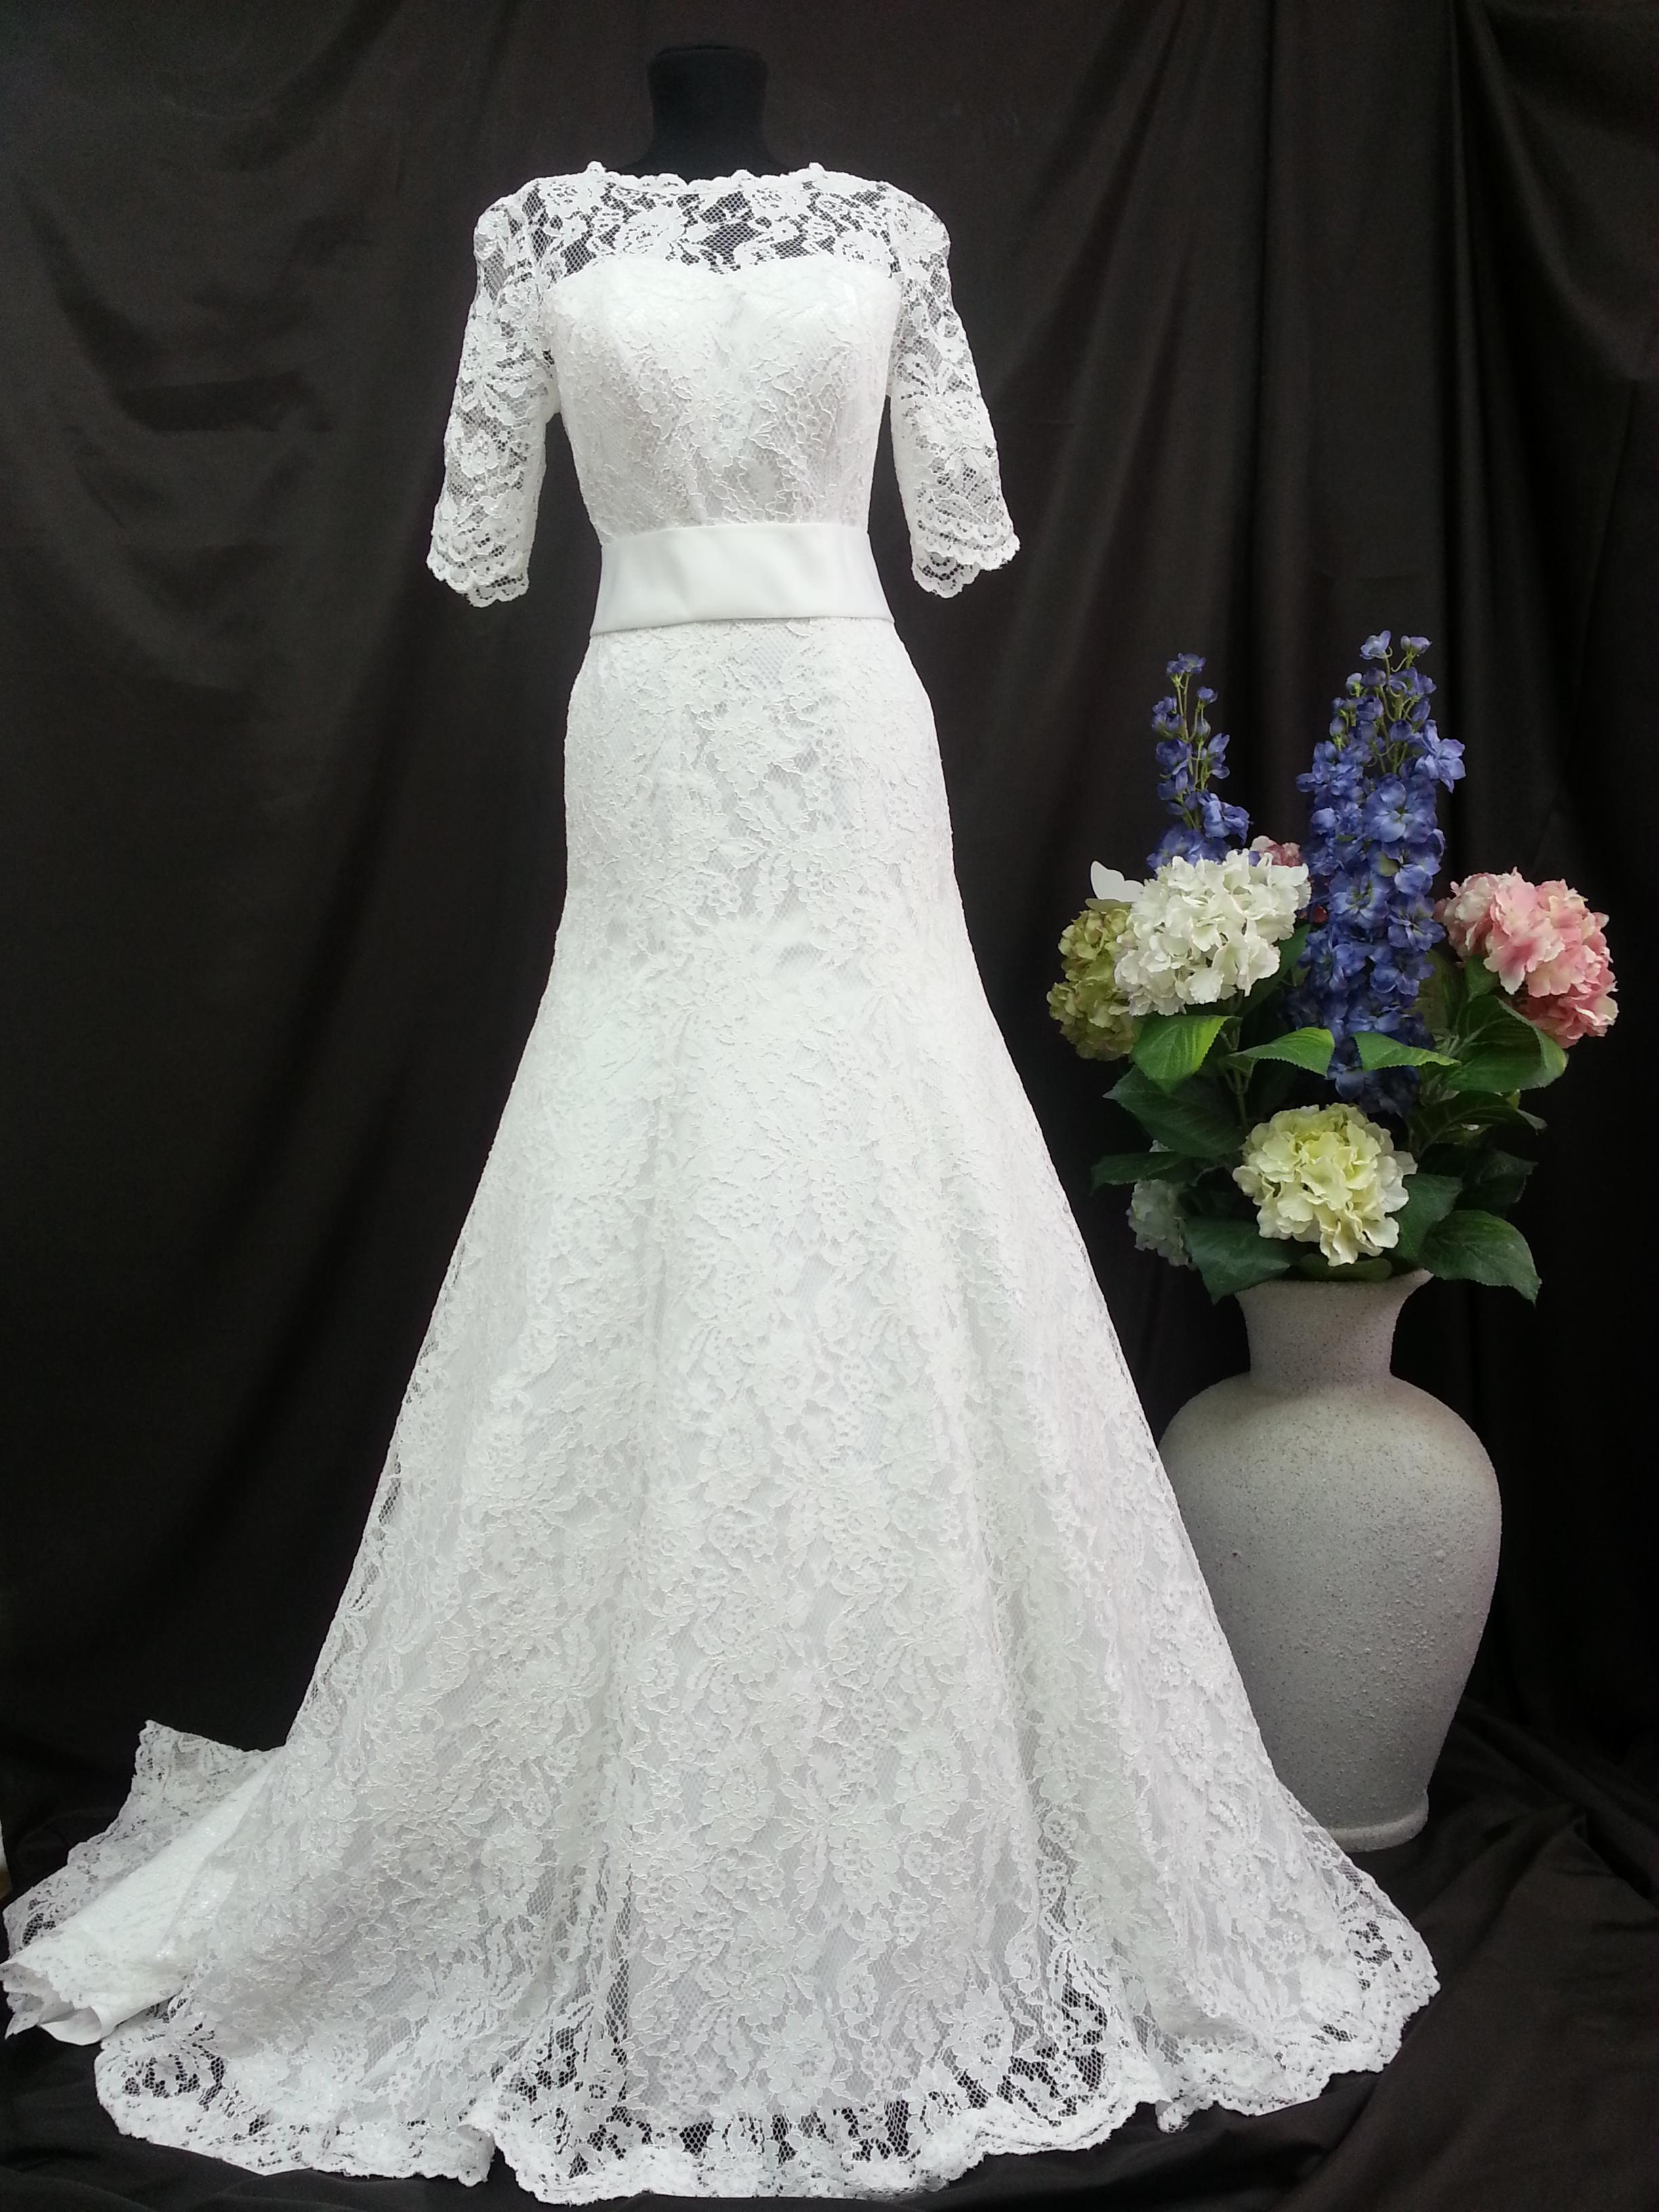 Фото свадебного платья тори спеллинг ожидать